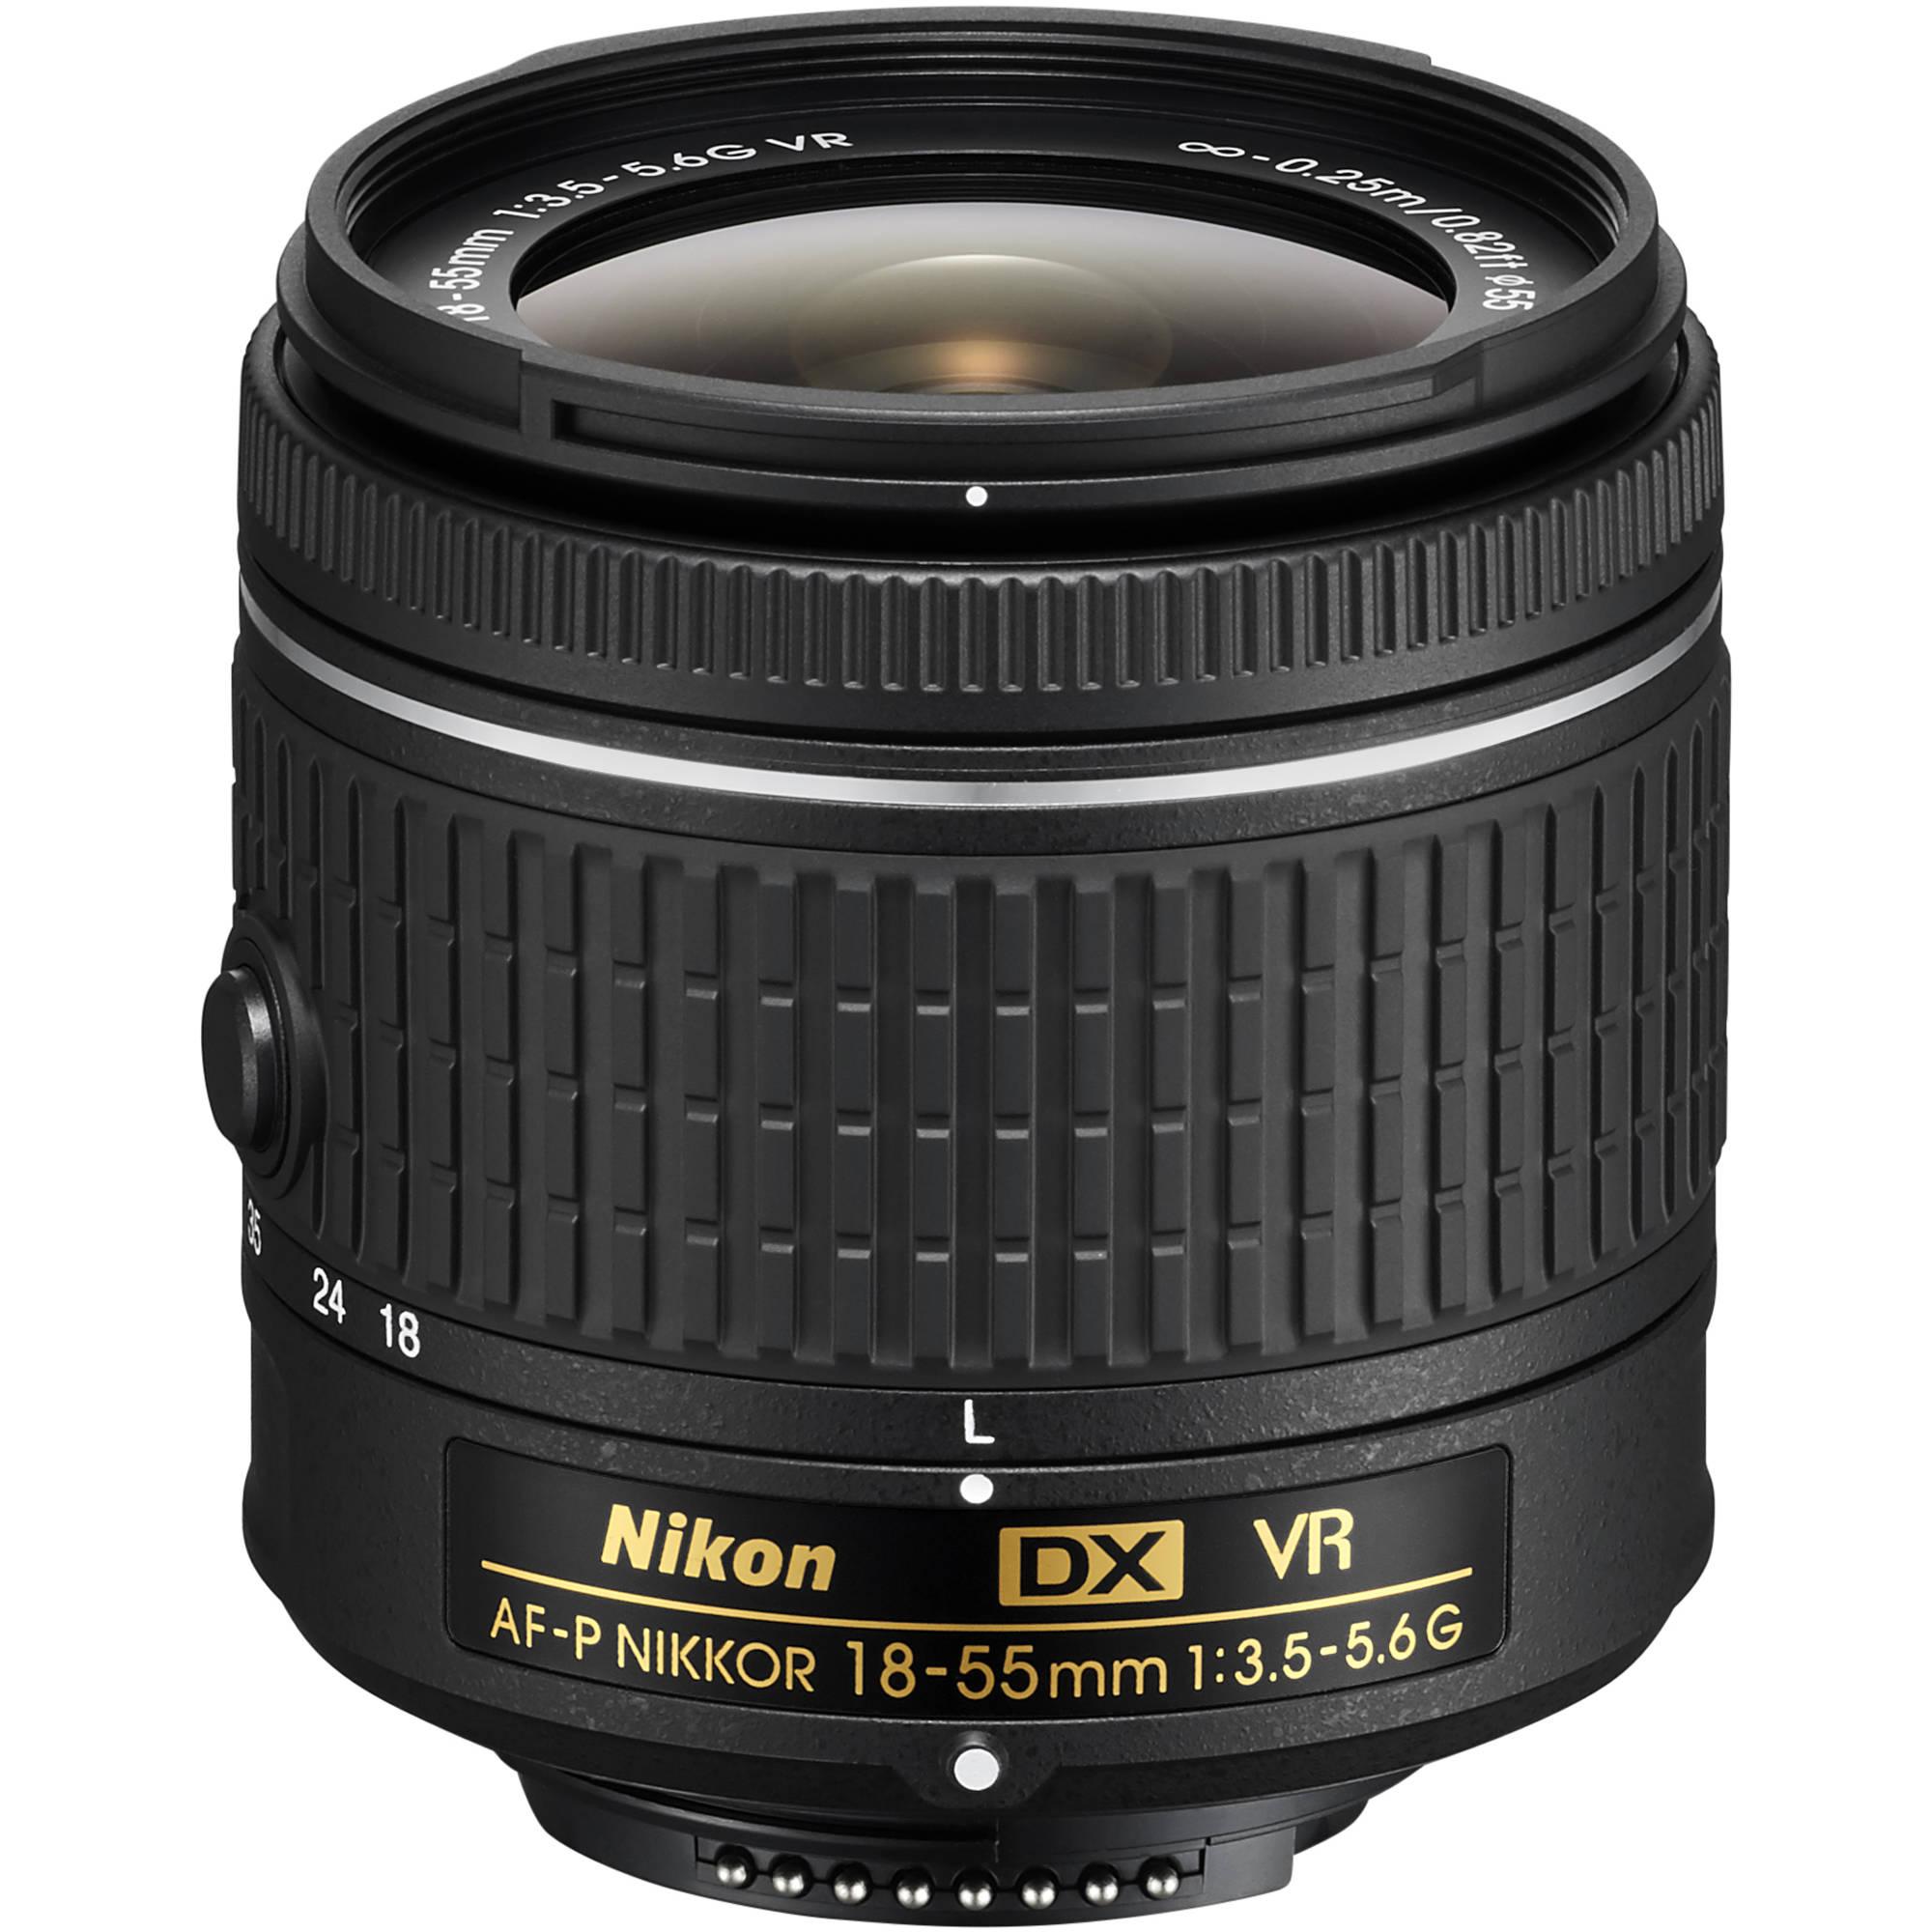 Nikon AF-P DX NIKKOR 18-55mm f/3.5-5.6G Lens 1